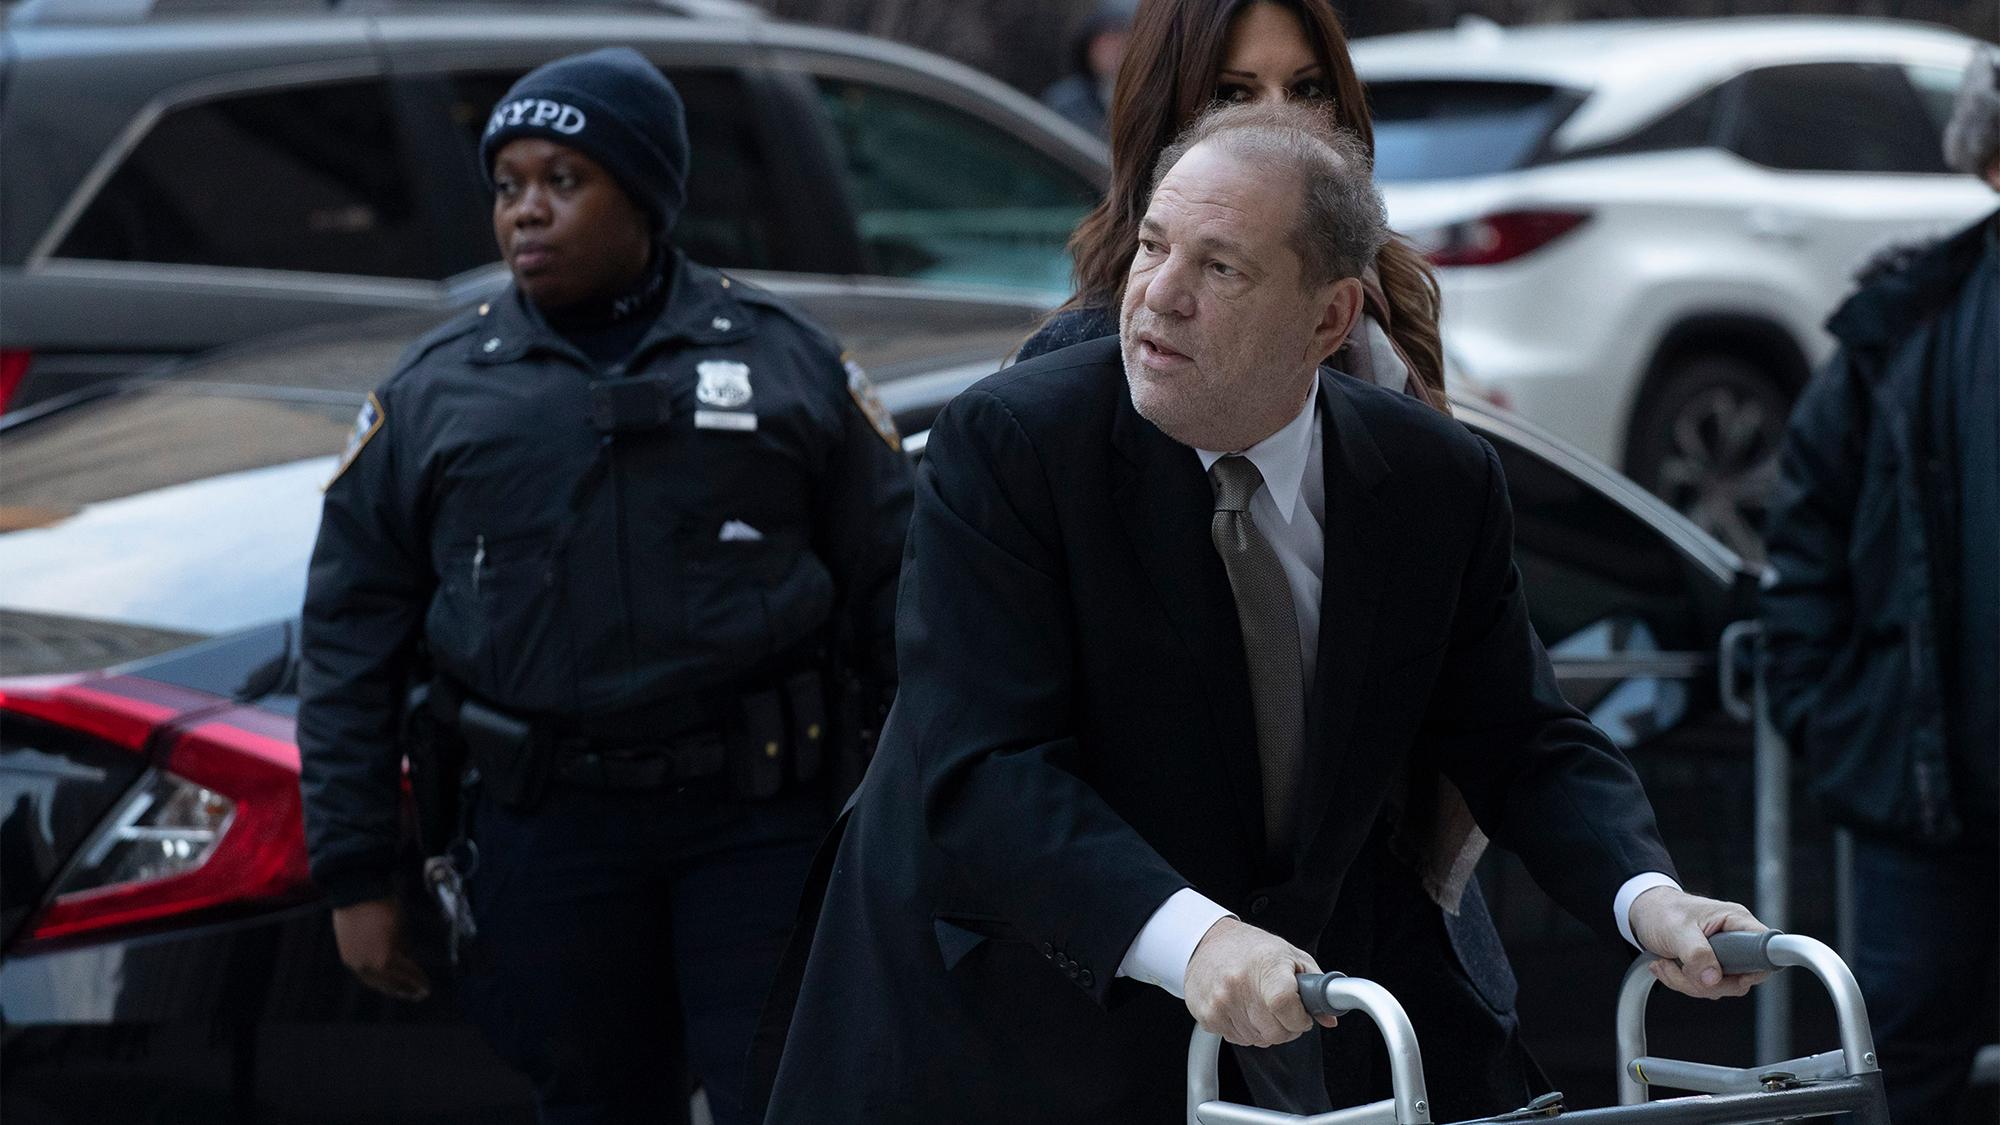 Weinstein Defense Team Asks Judge to Step Aside Due to Bias